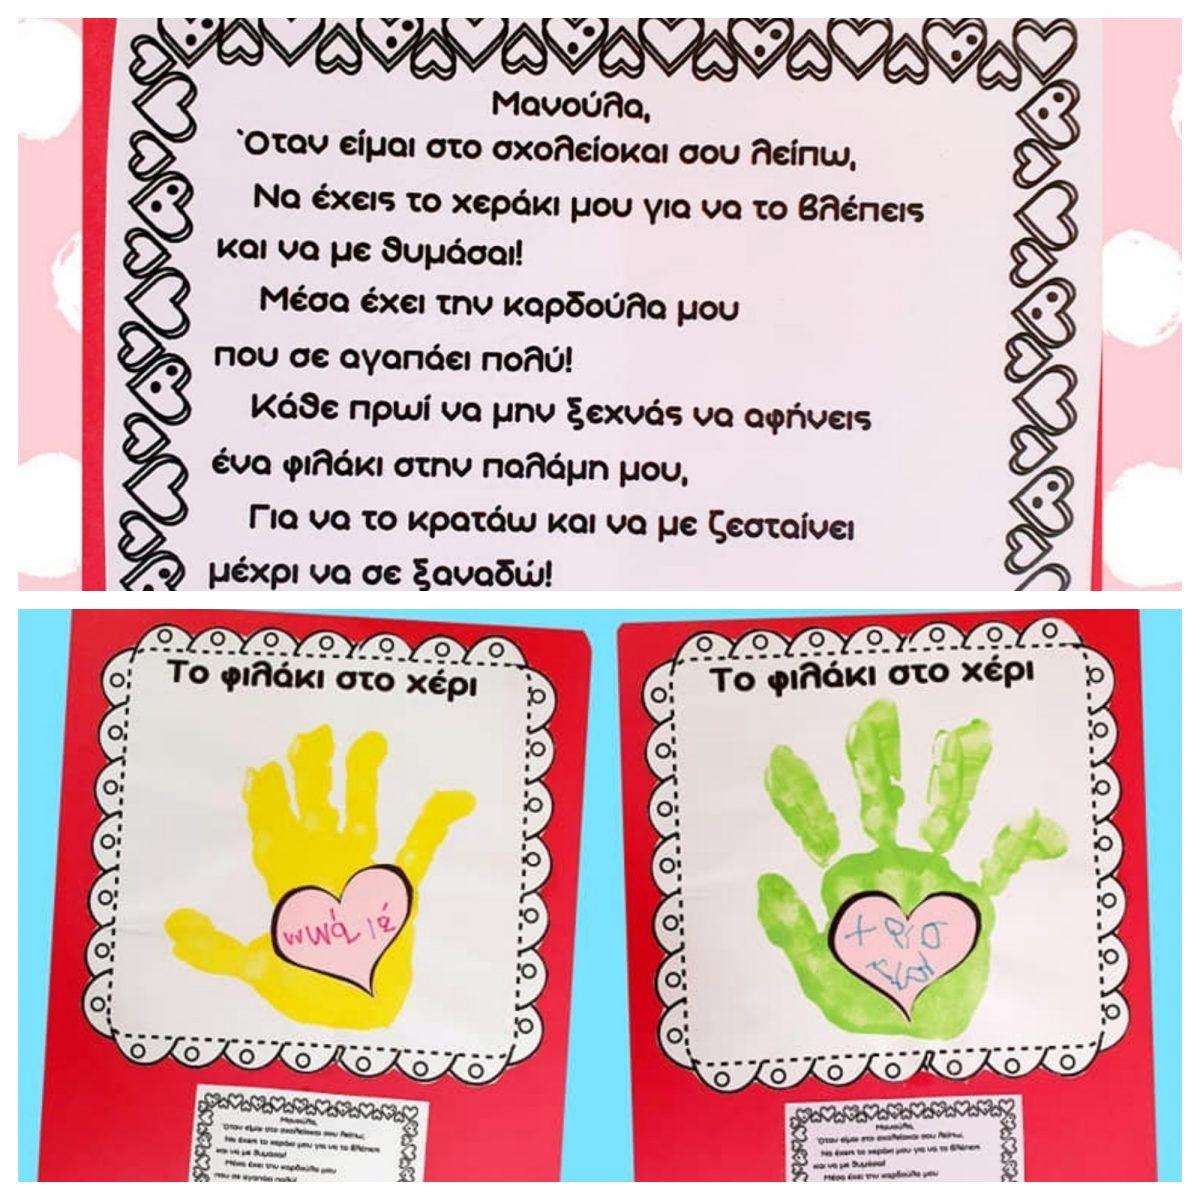 """""""Το φιλάκι στο χέρι"""": Η ιδέα Ελληνίδας νηπιαγωγού για να μην στεναχωριούνται τα παιδιά τις πρώτες μέρες στο σχολείο"""